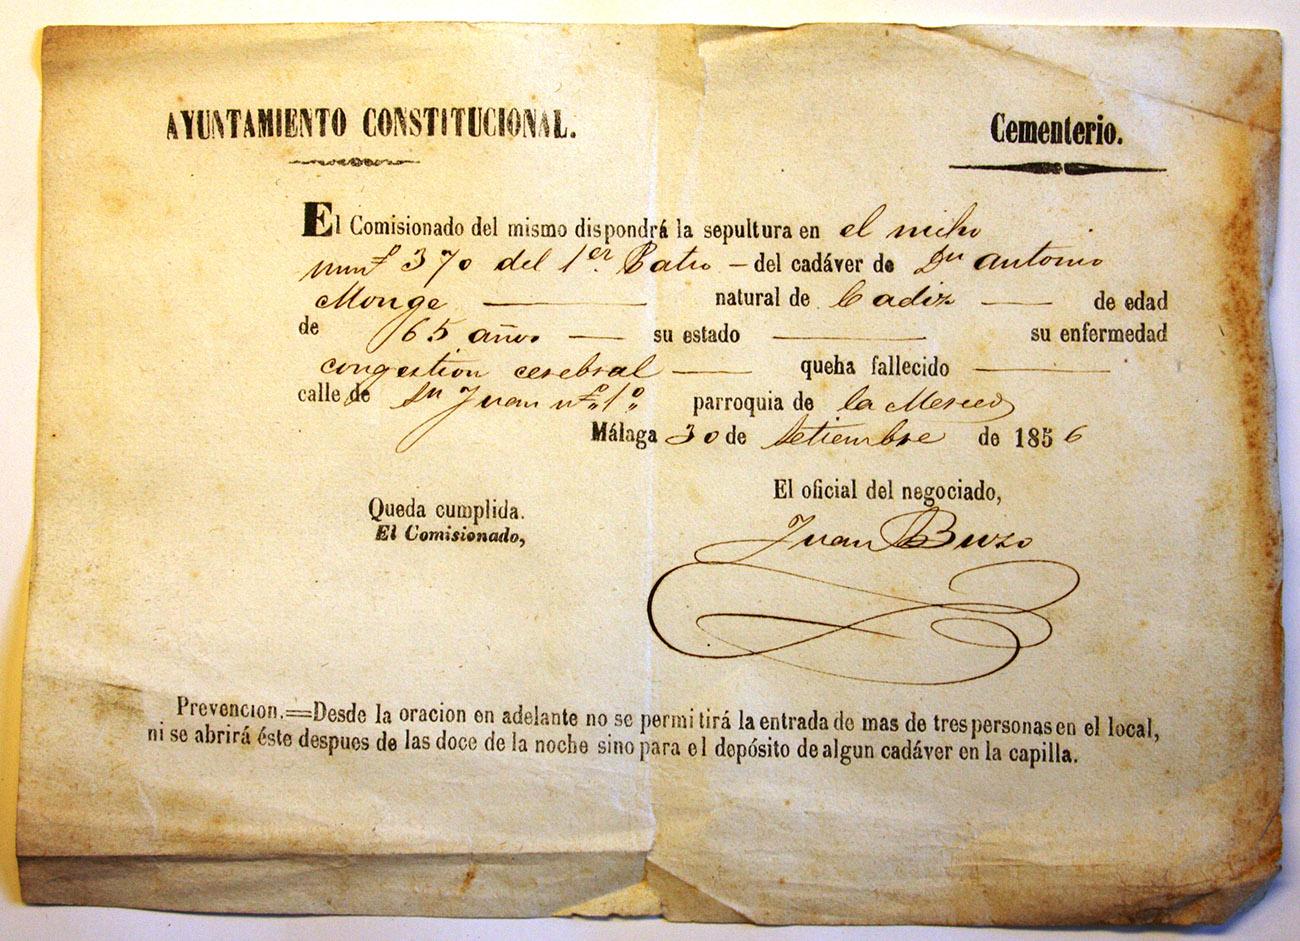 Certificado de enterramiento de Antonio Monge El Planeta. Imagen: Archivo Manuel Bohórquez